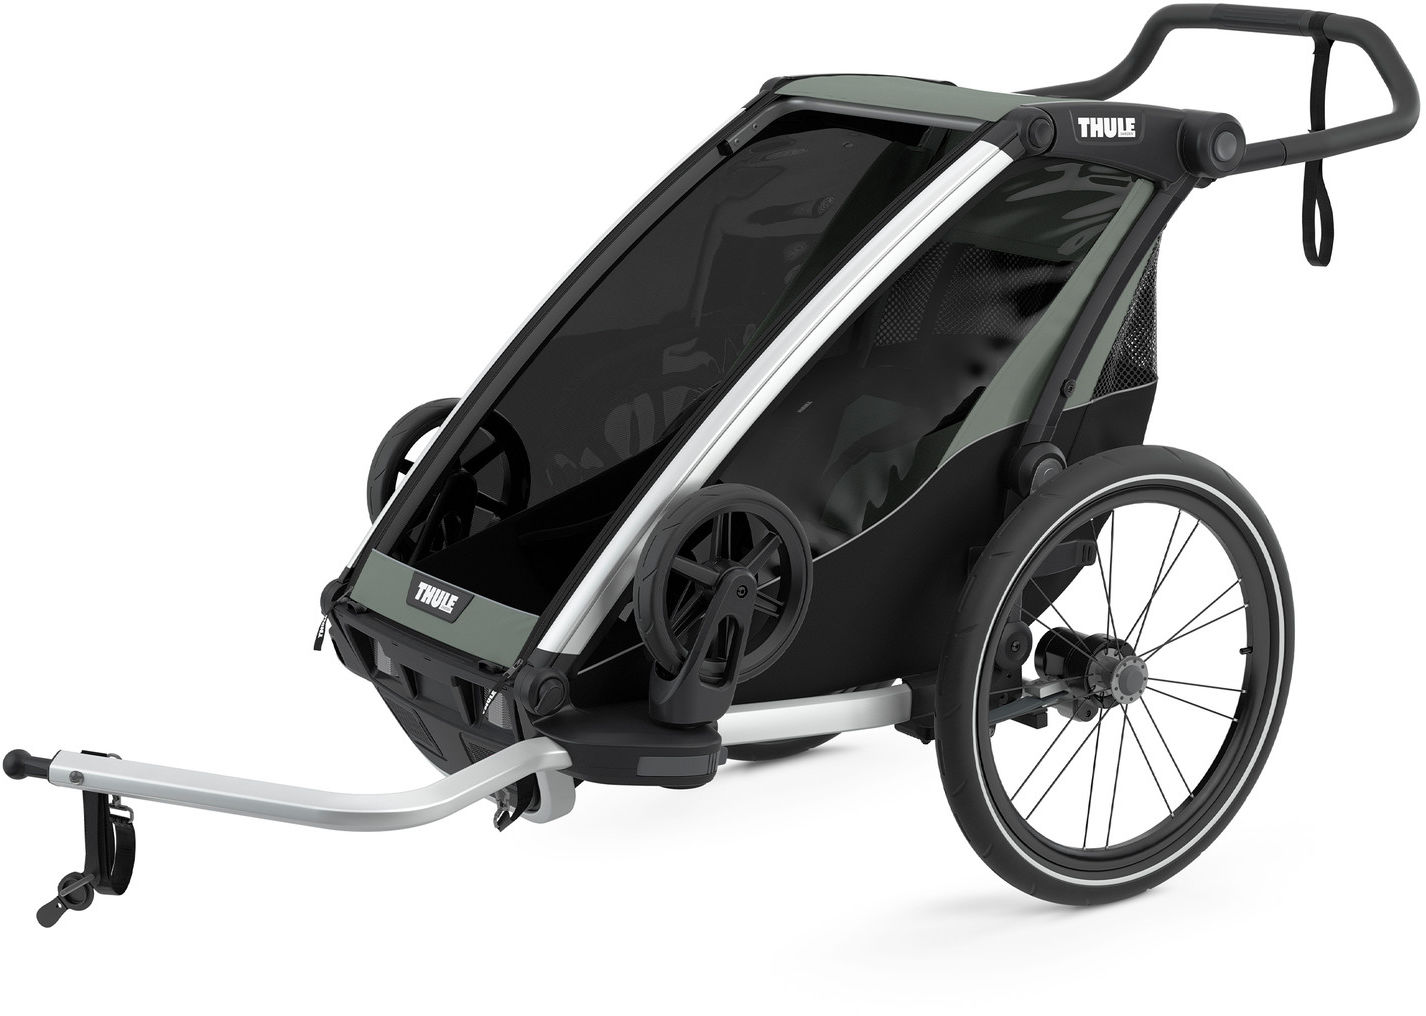 Thule Chariot Lite1 przyczepka rowerowa Agave czarno-szara